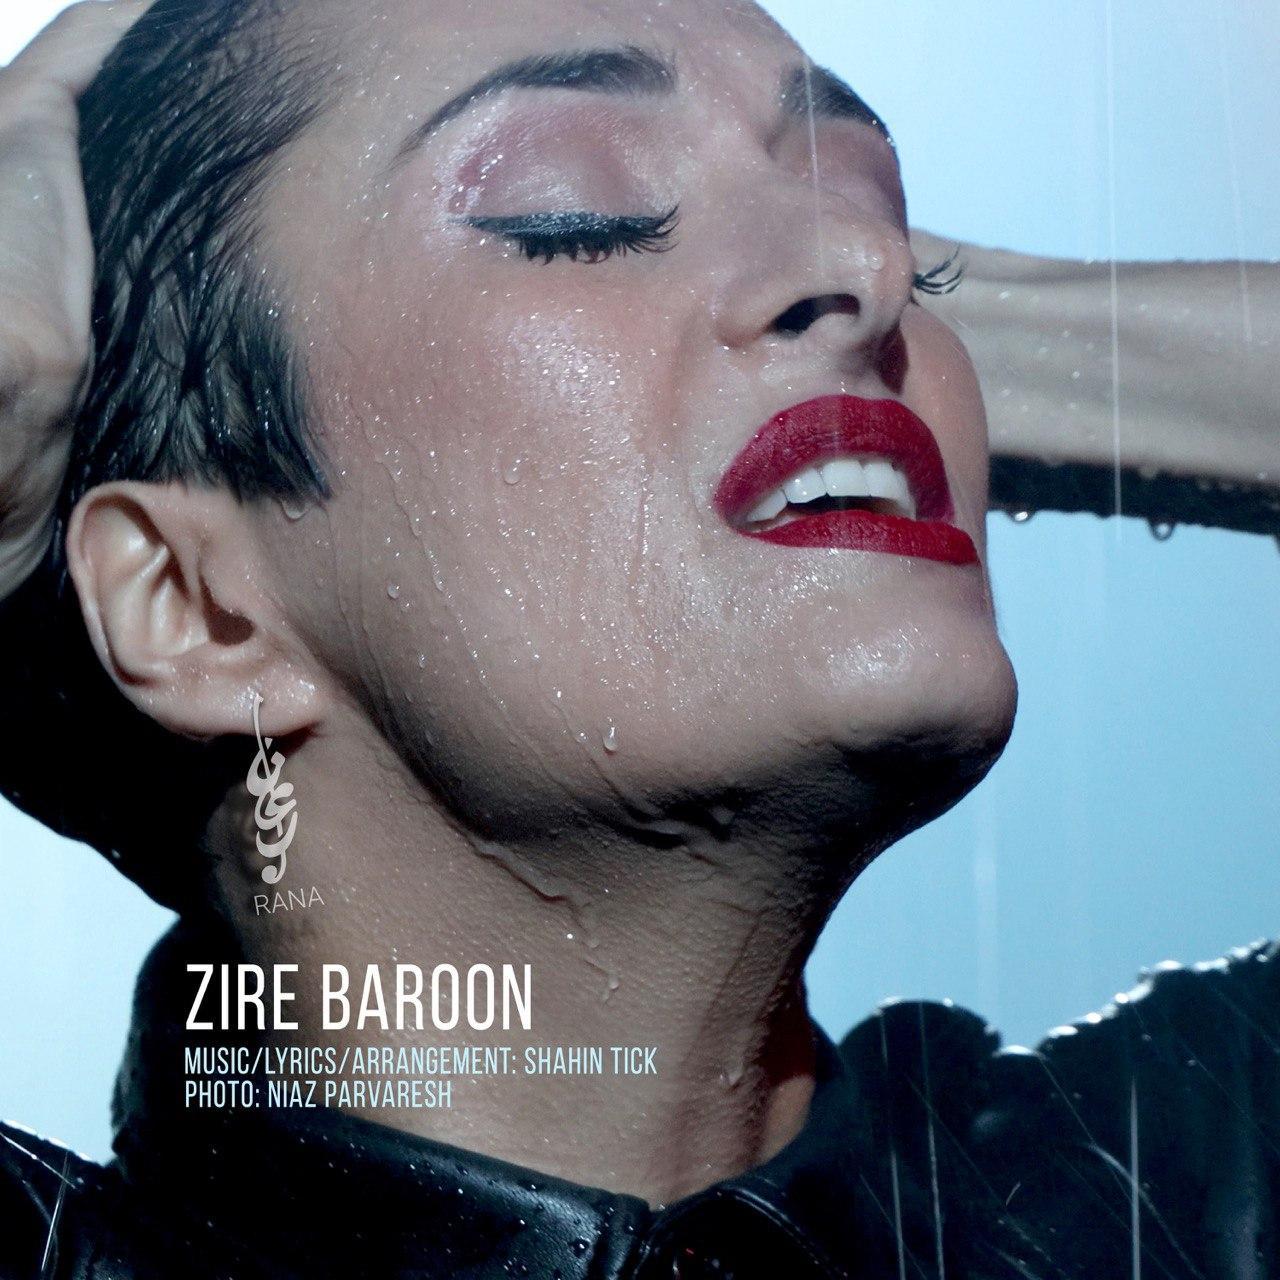 Zire Baroon